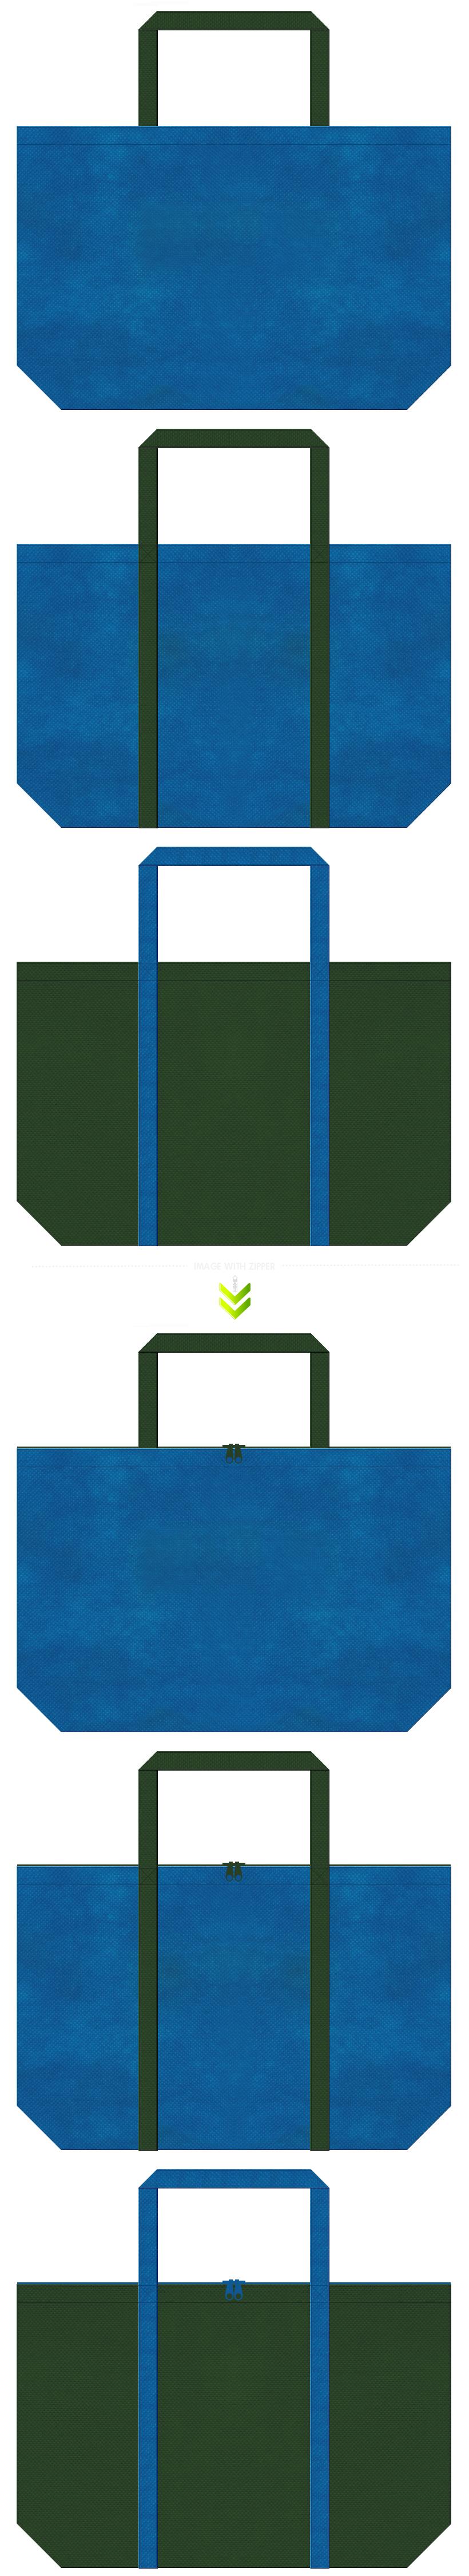 バッグノベルティのコーデ。青色と濃緑色の不織布バッグデザイン。